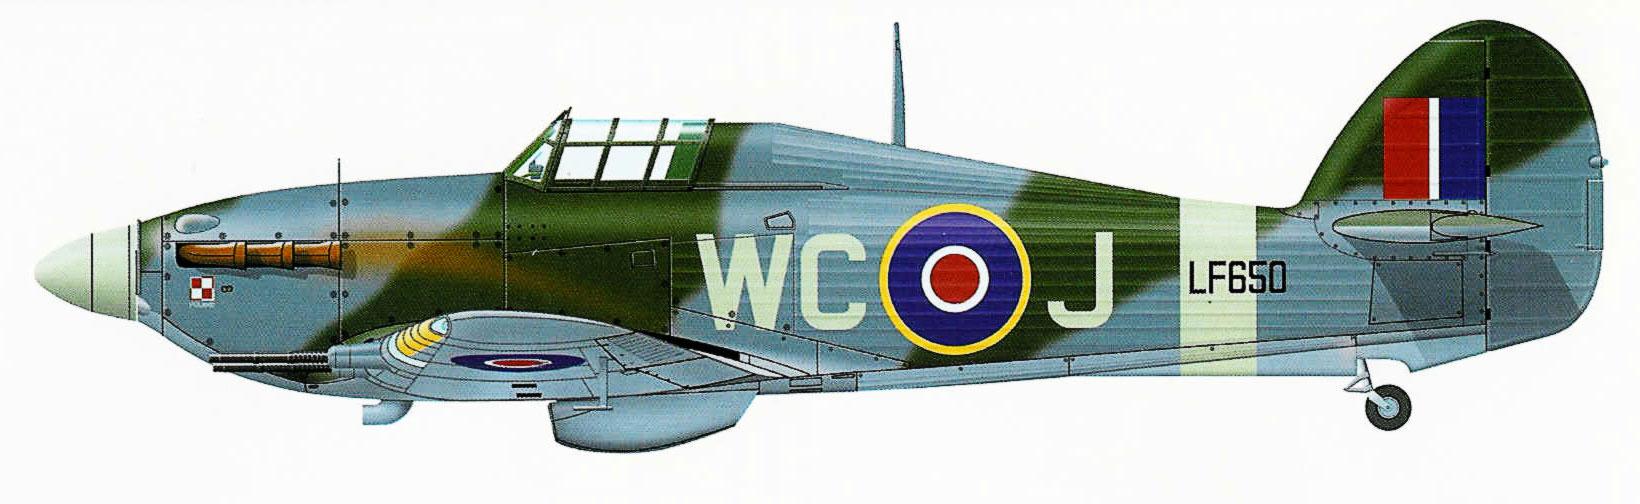 Hurricane IIc RAF 309Sqn WCJ LF650 based at RAF Drem 1944 0A